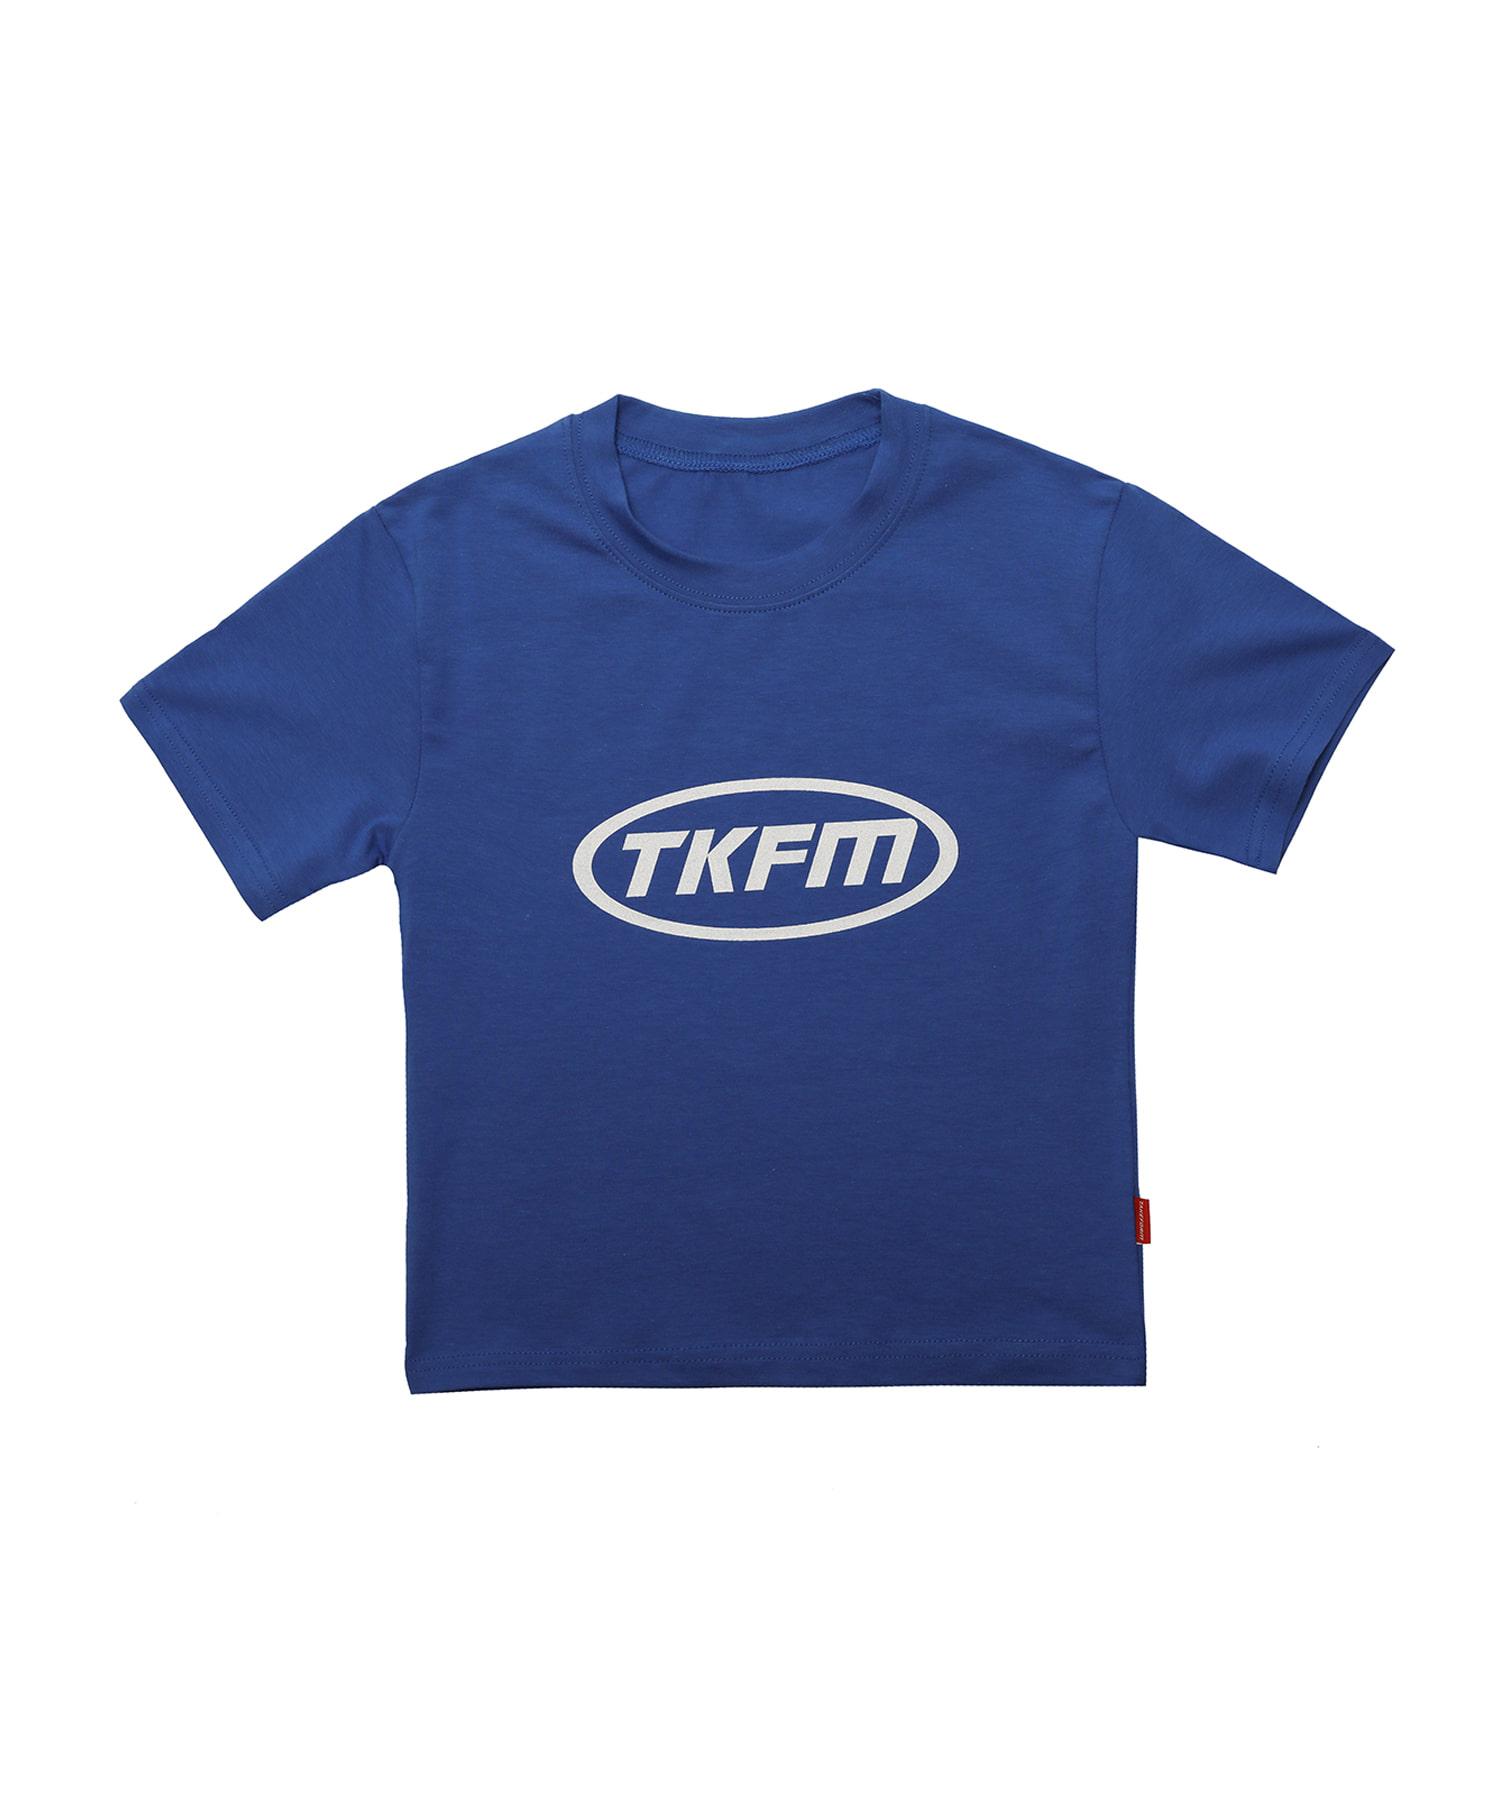 [테이크폼] 서클 TKFM 크롭티 블루 (여성용)